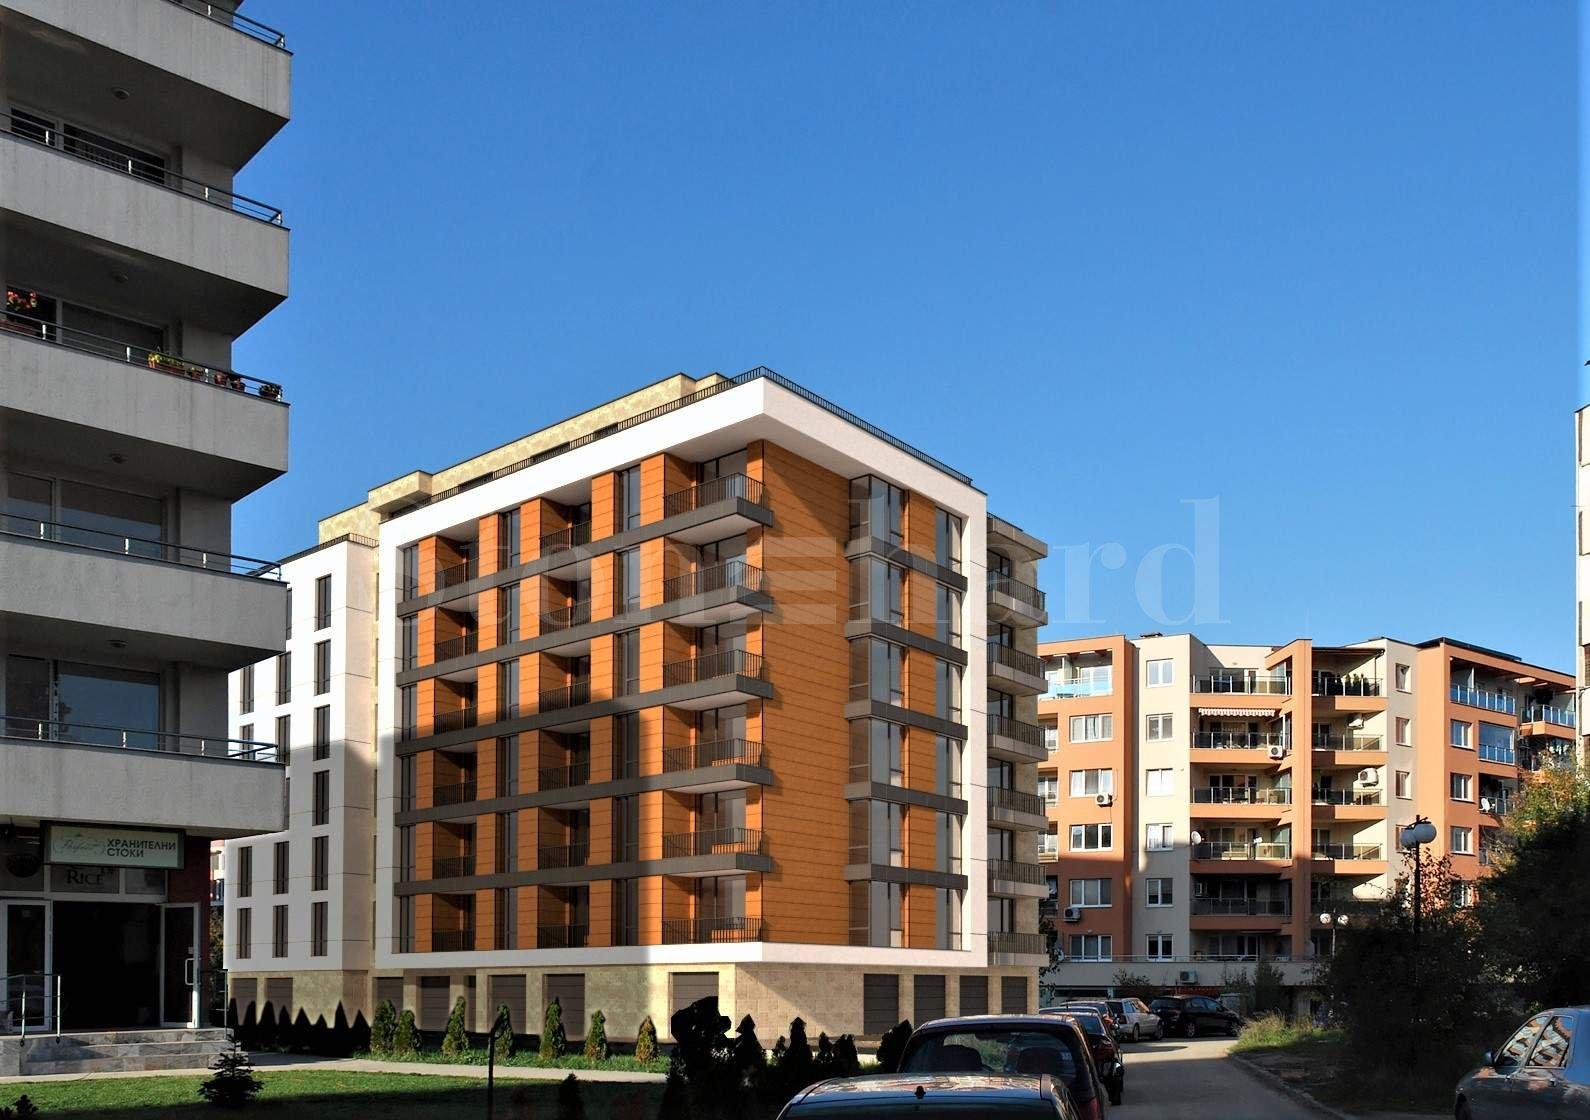 Нова жилищна сграда пред завършване в кв. Студентски град2 - Stonehard